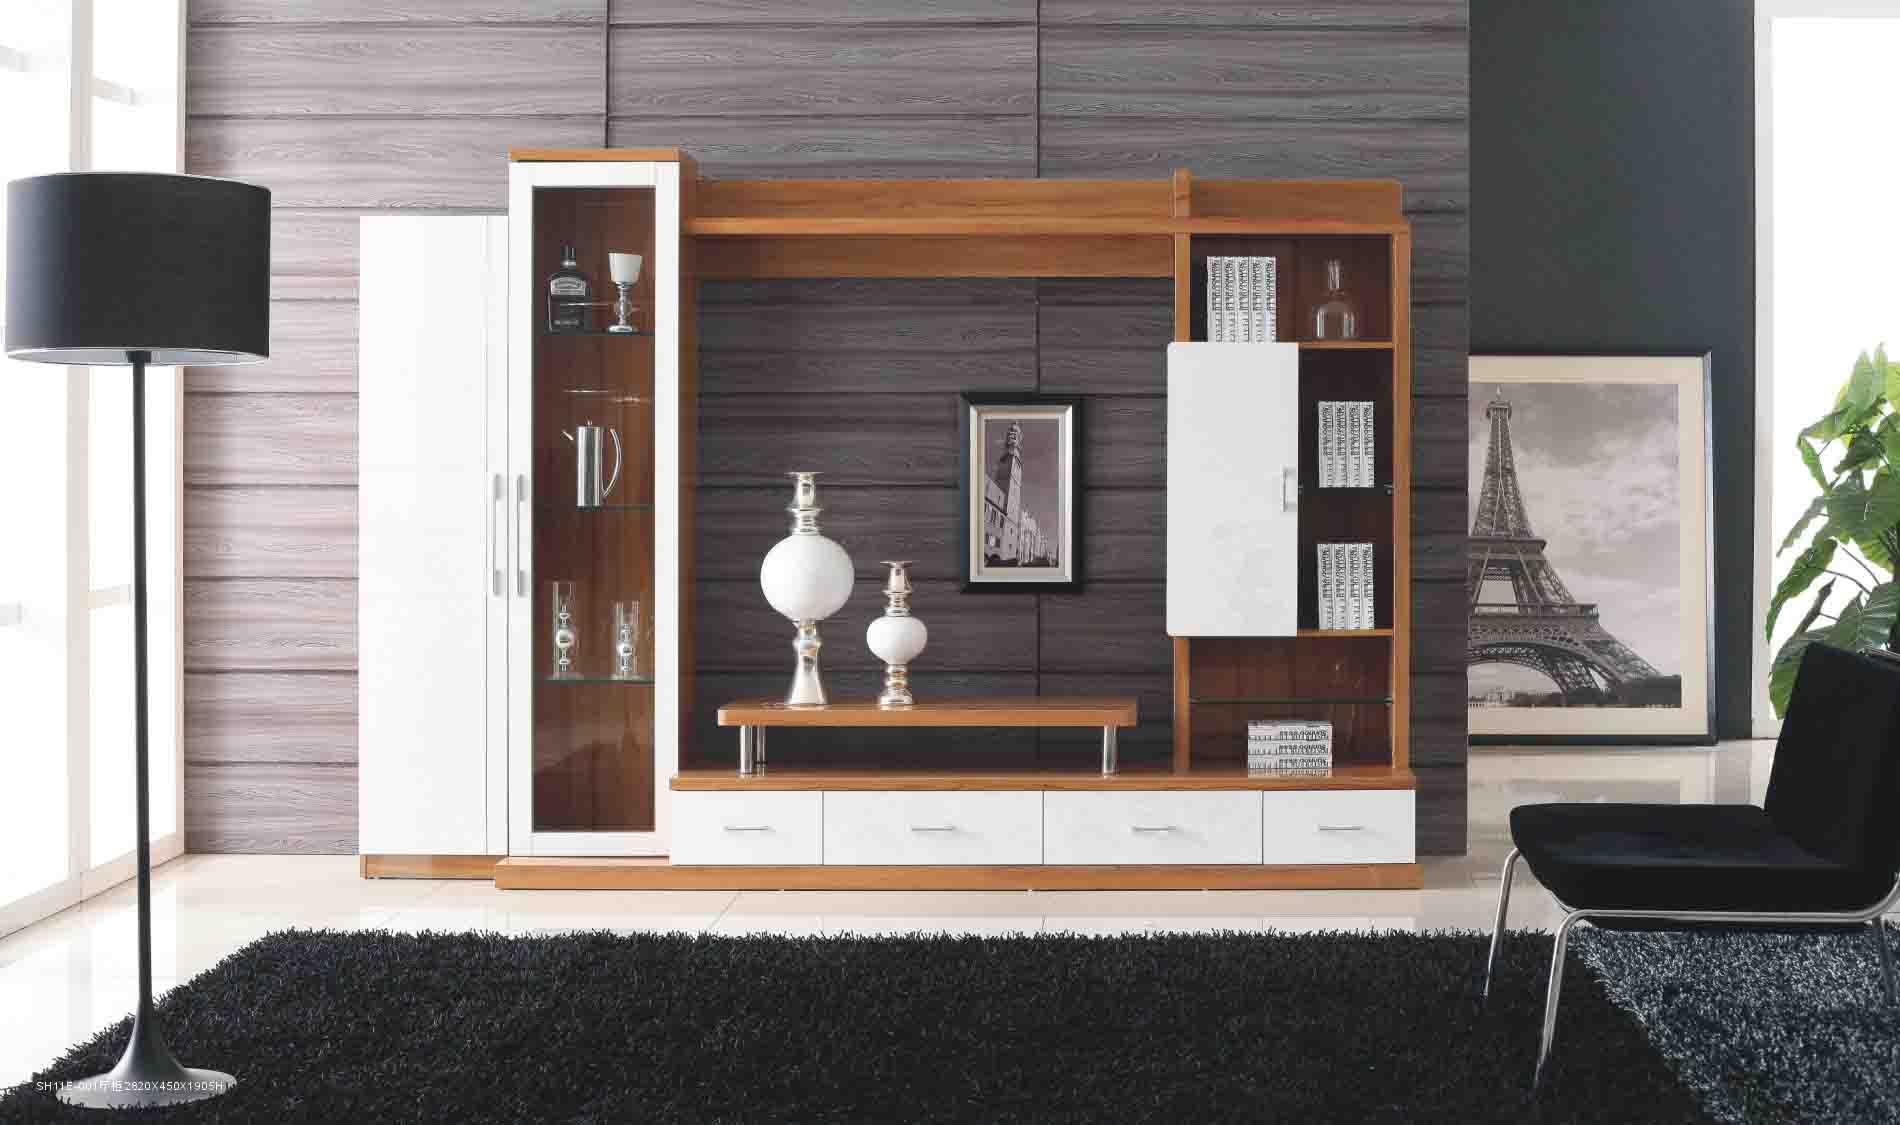 Tủ tường gỗ đẹp mắt khi kết hợp với vật dụng trang trí, tranh ảnh